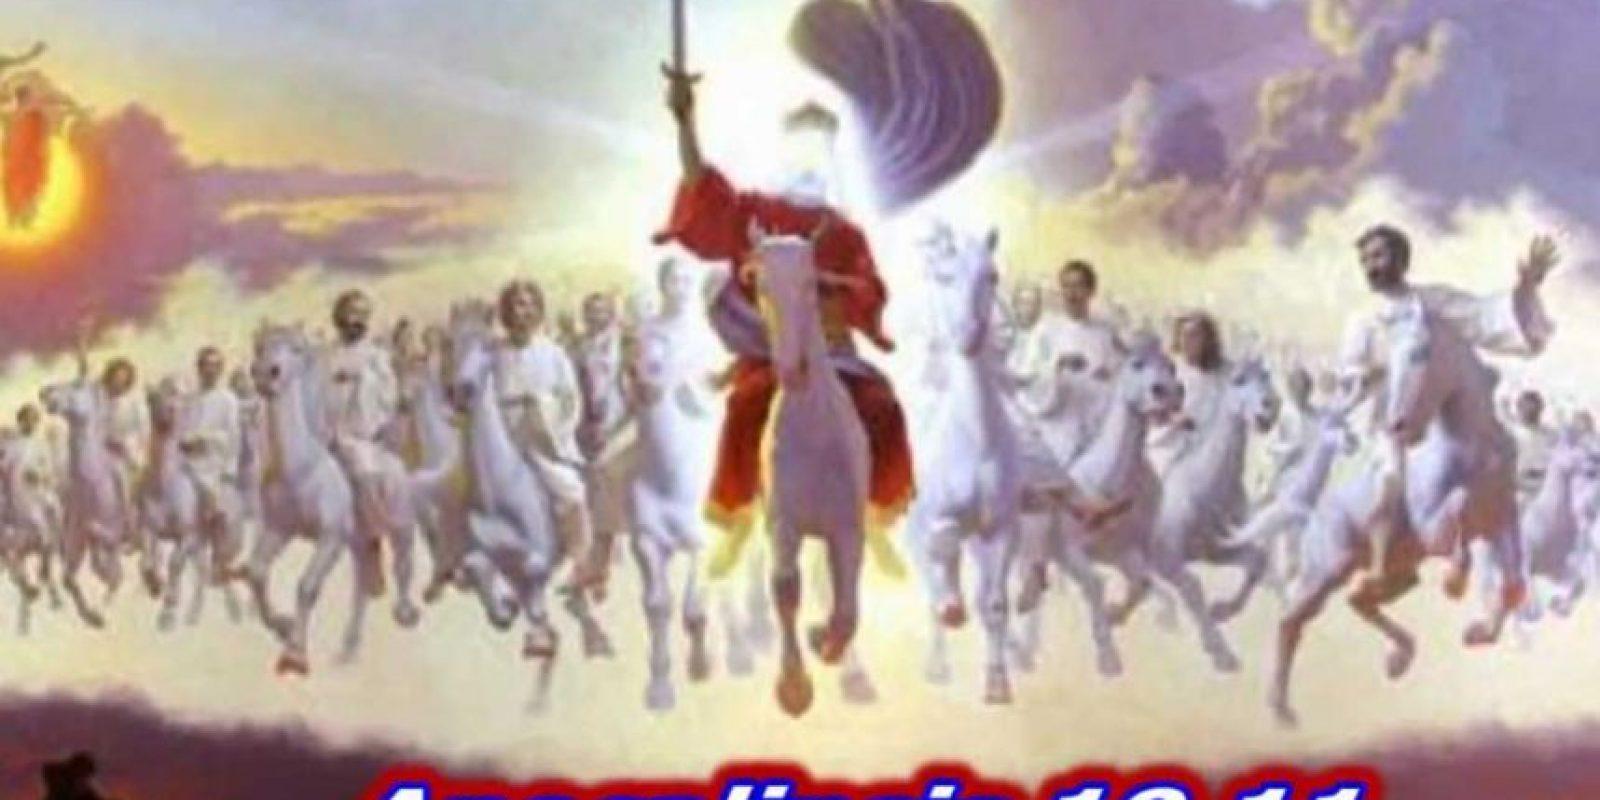 Hay teorías que hablan de Juan de Patmos describiendo a la caída de Roma, por lo que no sería una señal para el futuro próximo. La NASA también ha descartado asteroides potencialmente peligrosos en un siglo. El único que pasará cerca en 2029 es Apofis. Foto:vía Youtube